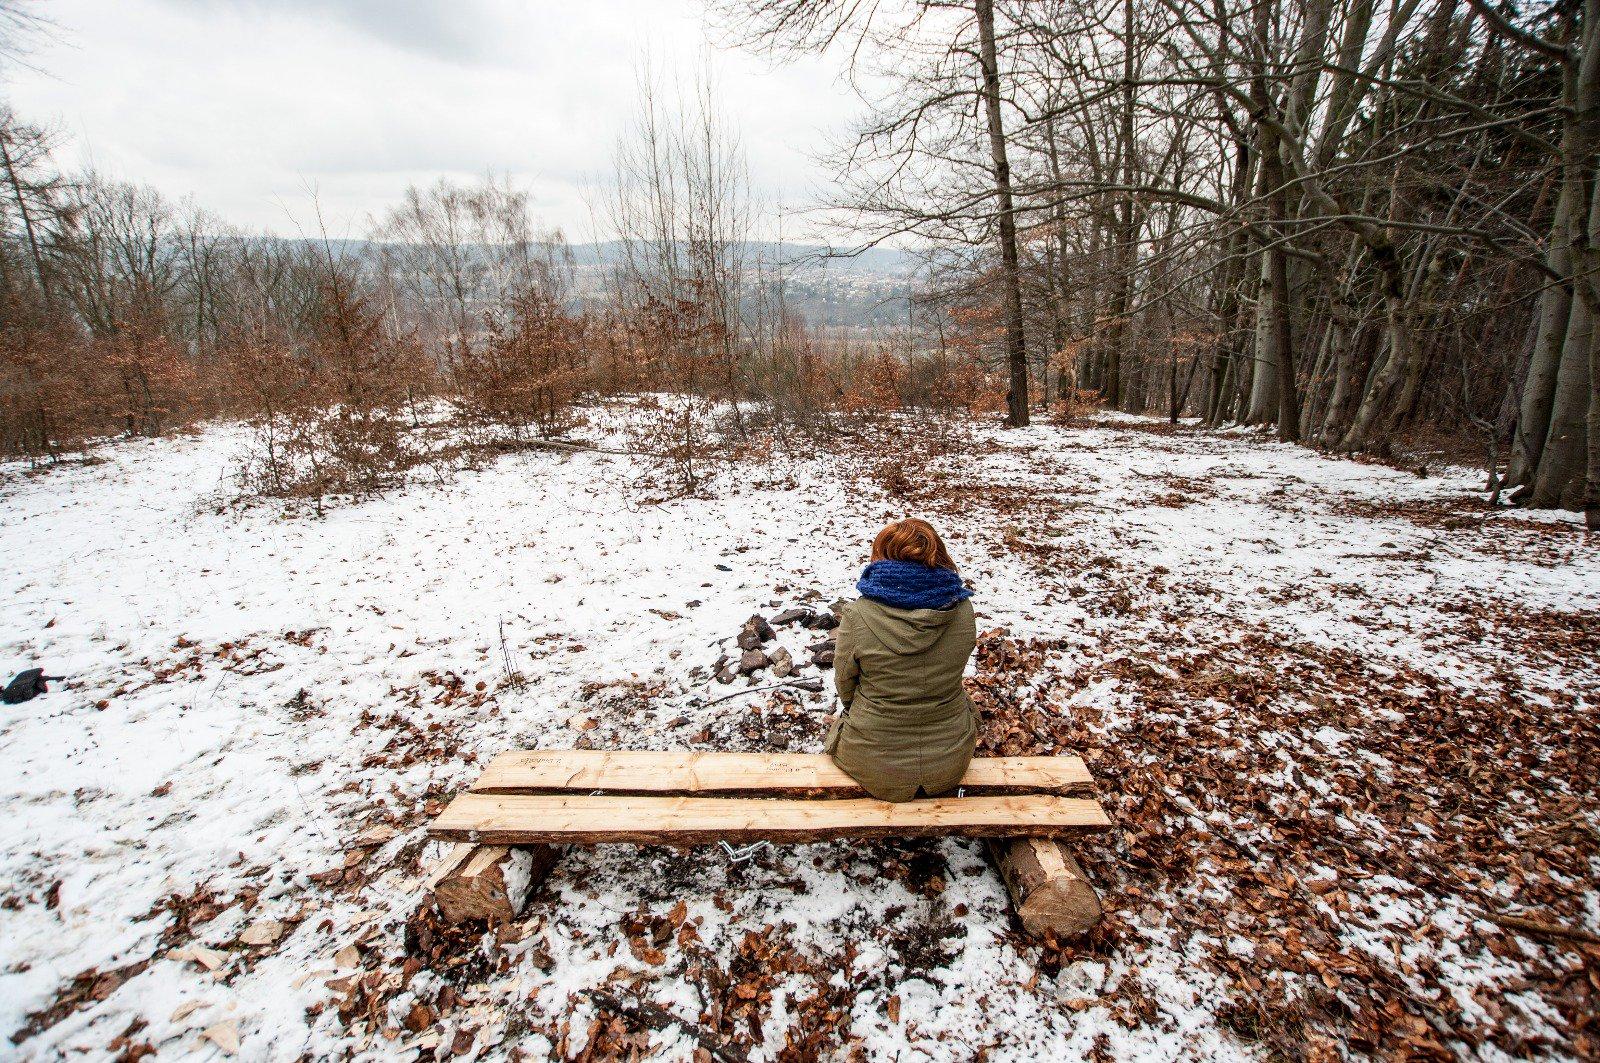 Mladý pár vyrábí lavičky a umisťuje je do přírody. Do iniciativy #BloumejBrdy se můžete zapojit i vy